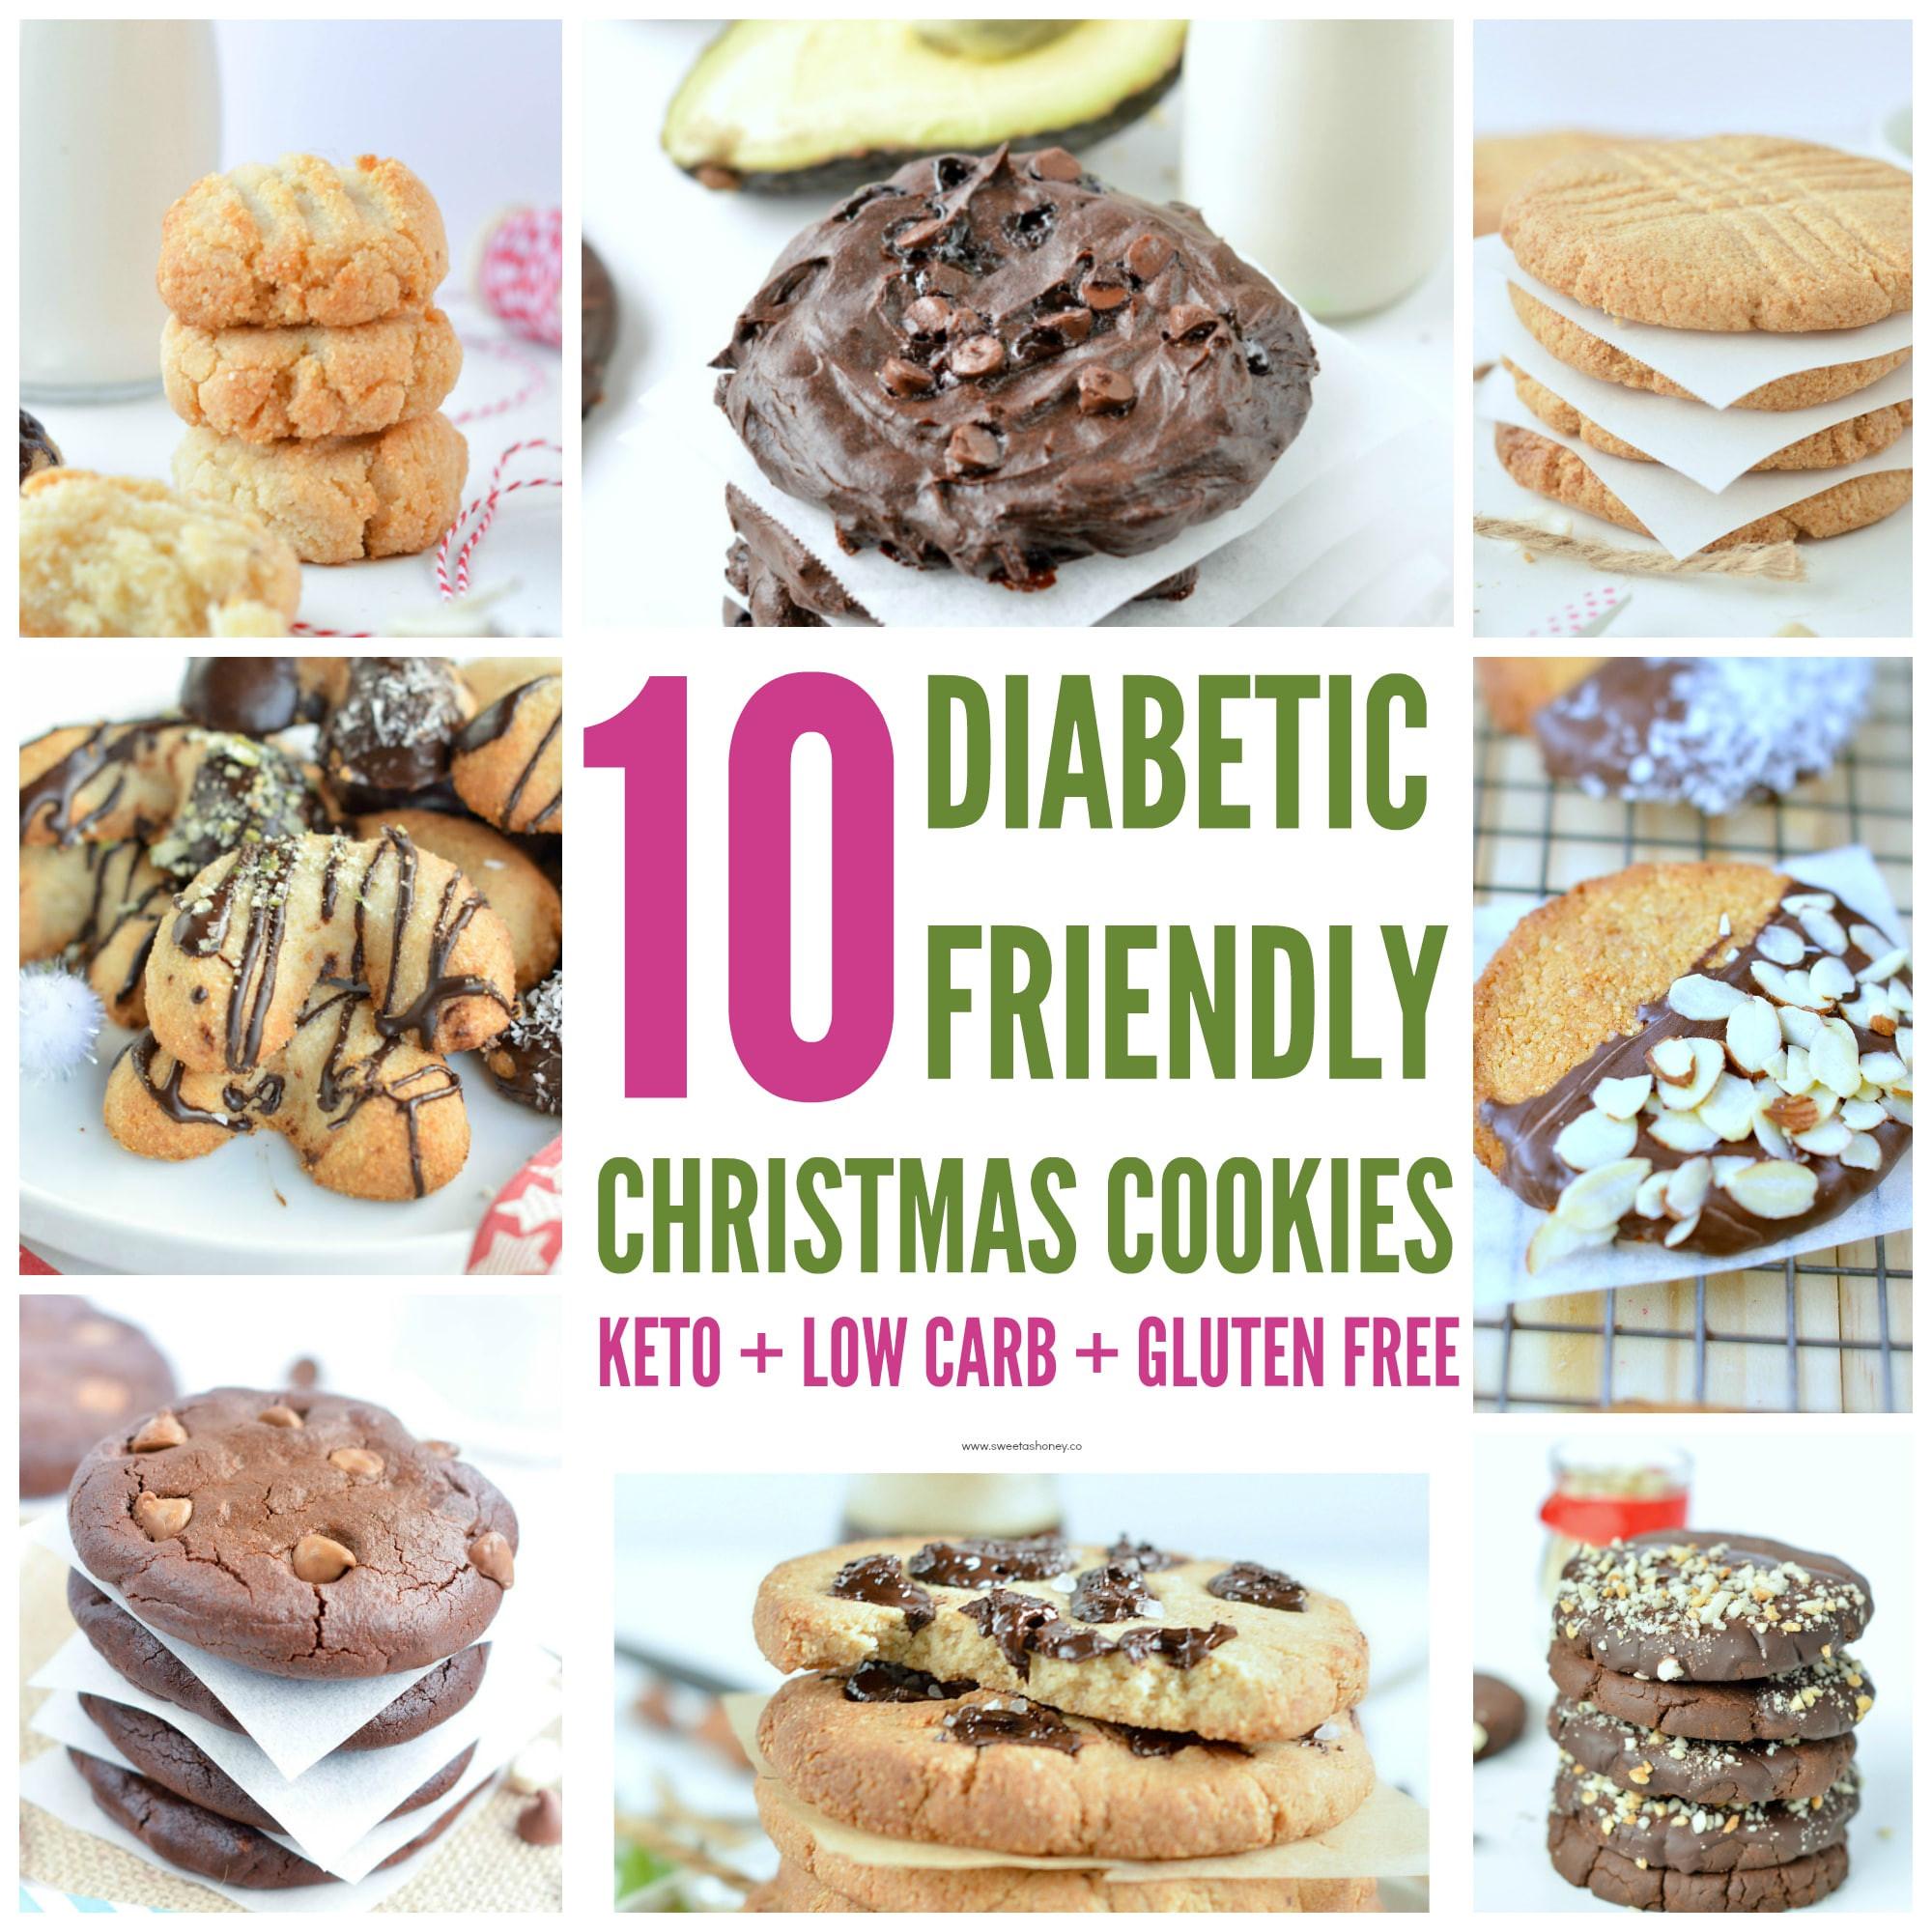 Sugar Free Christmas Cookie Recipes  Sugar Free Christmas Cookie Recipes For Diabetics